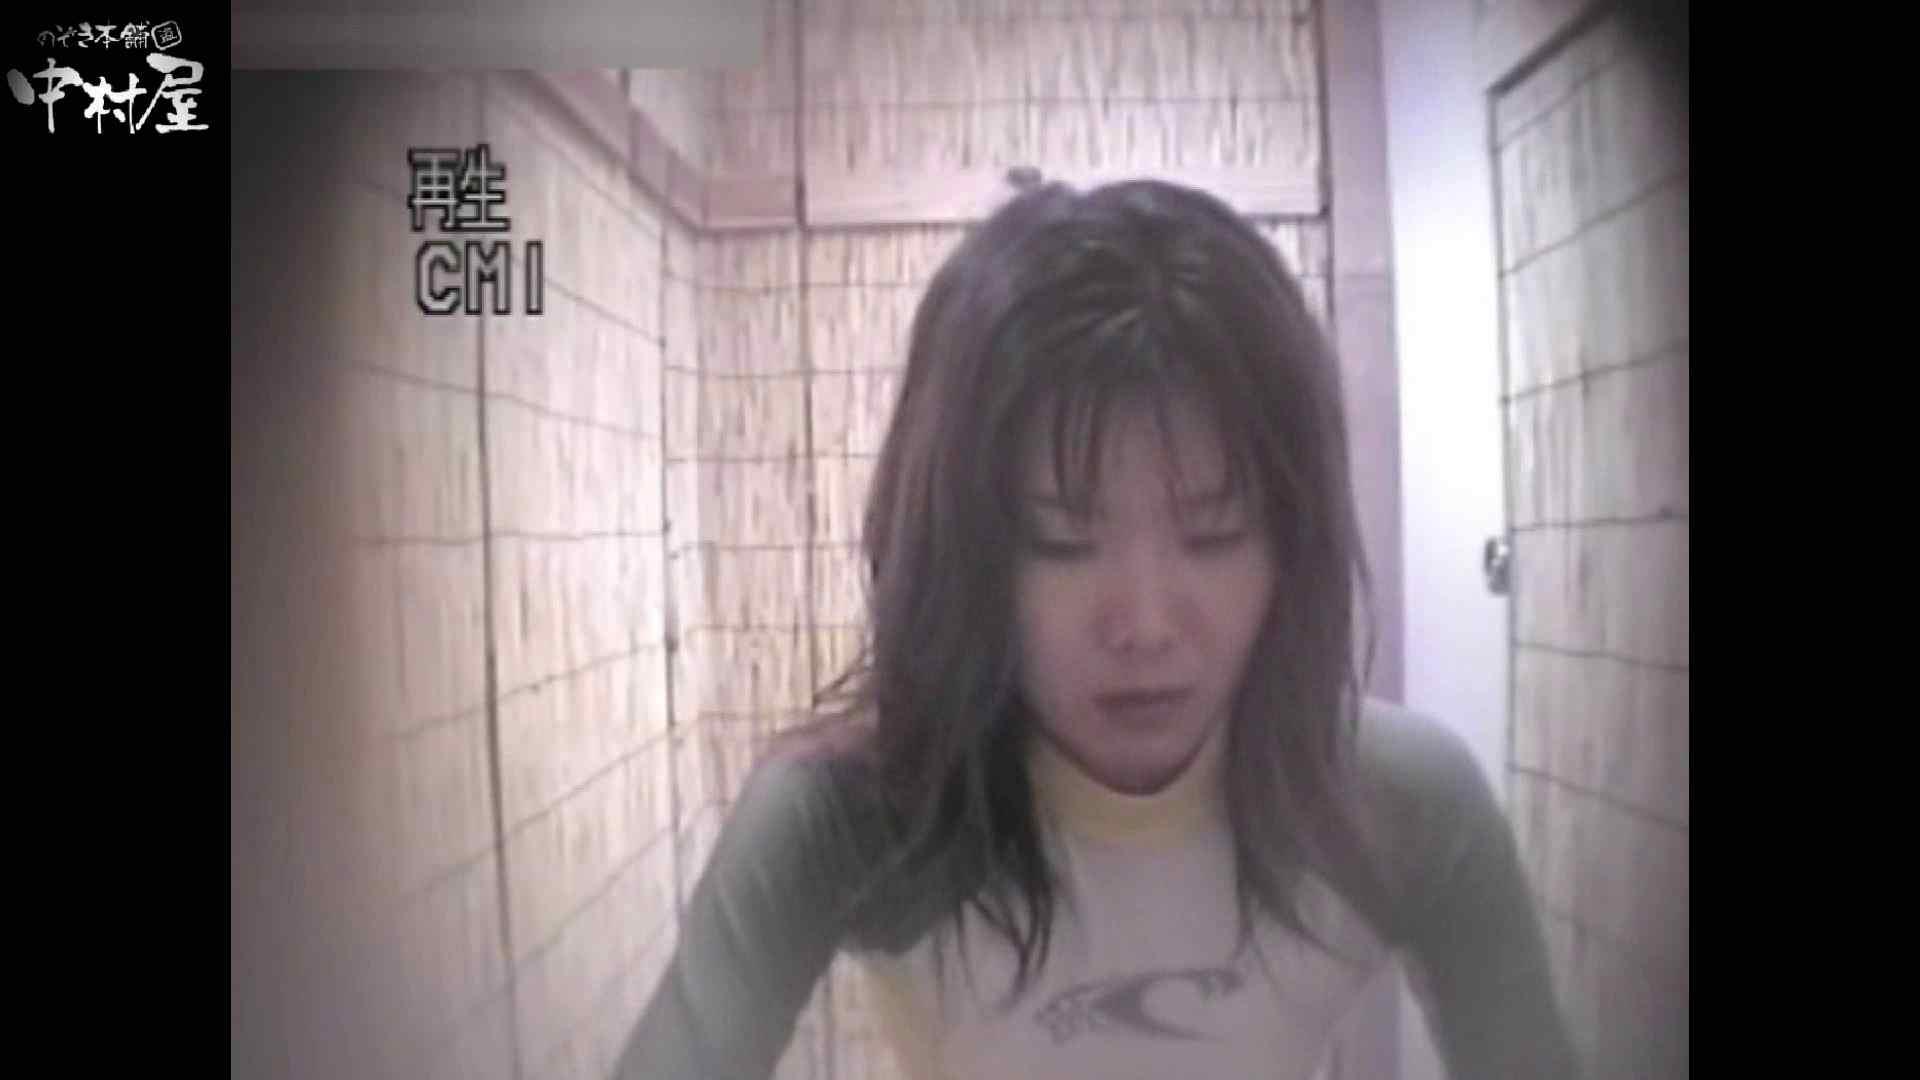 解禁!海の家4カメ洗面所vol.65 人気シリーズ ワレメ動画紹介 105枚 99